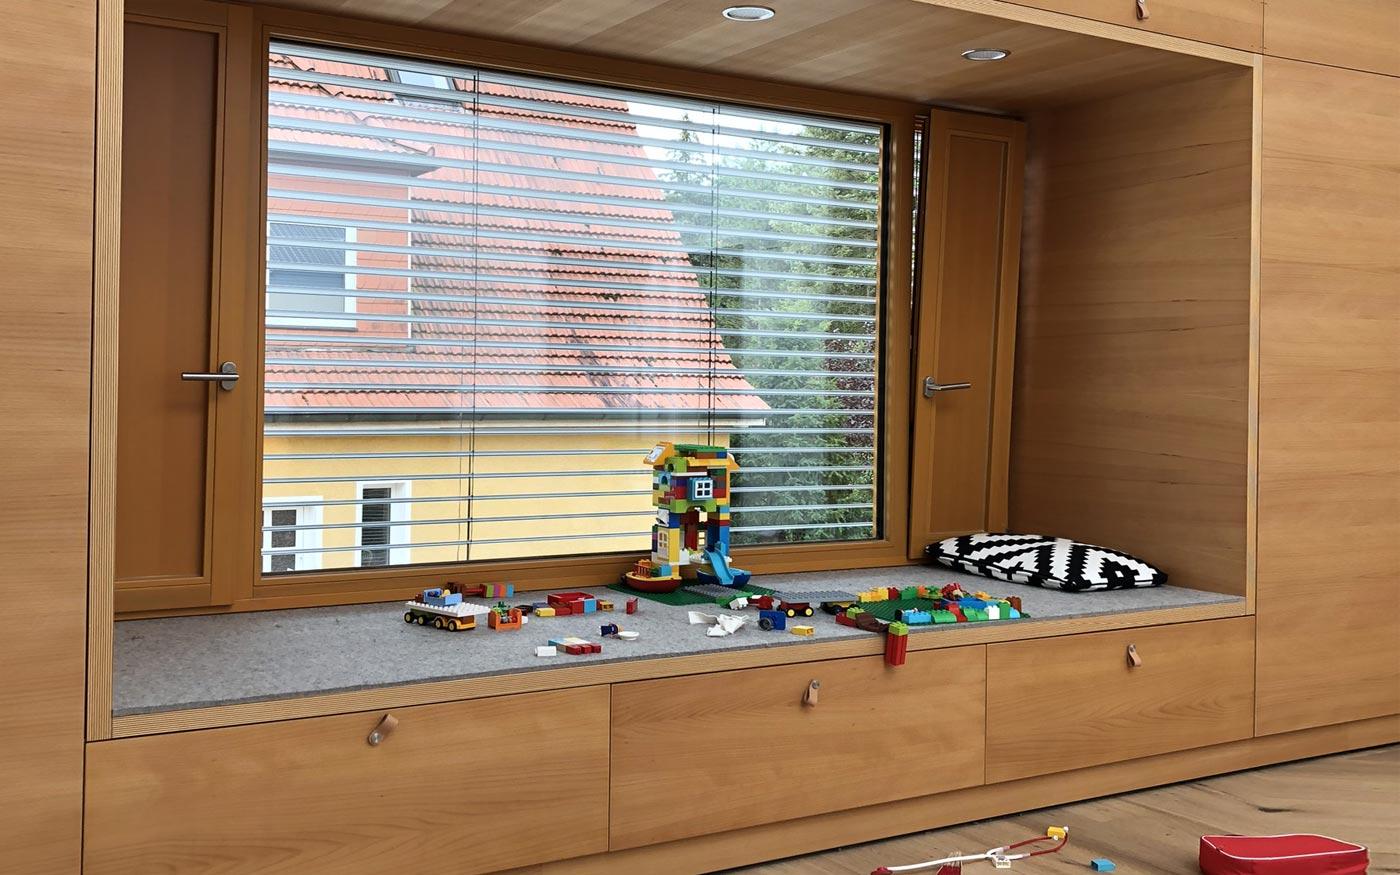 Schrankwand mit Sitz- und Spielecke für Kinder